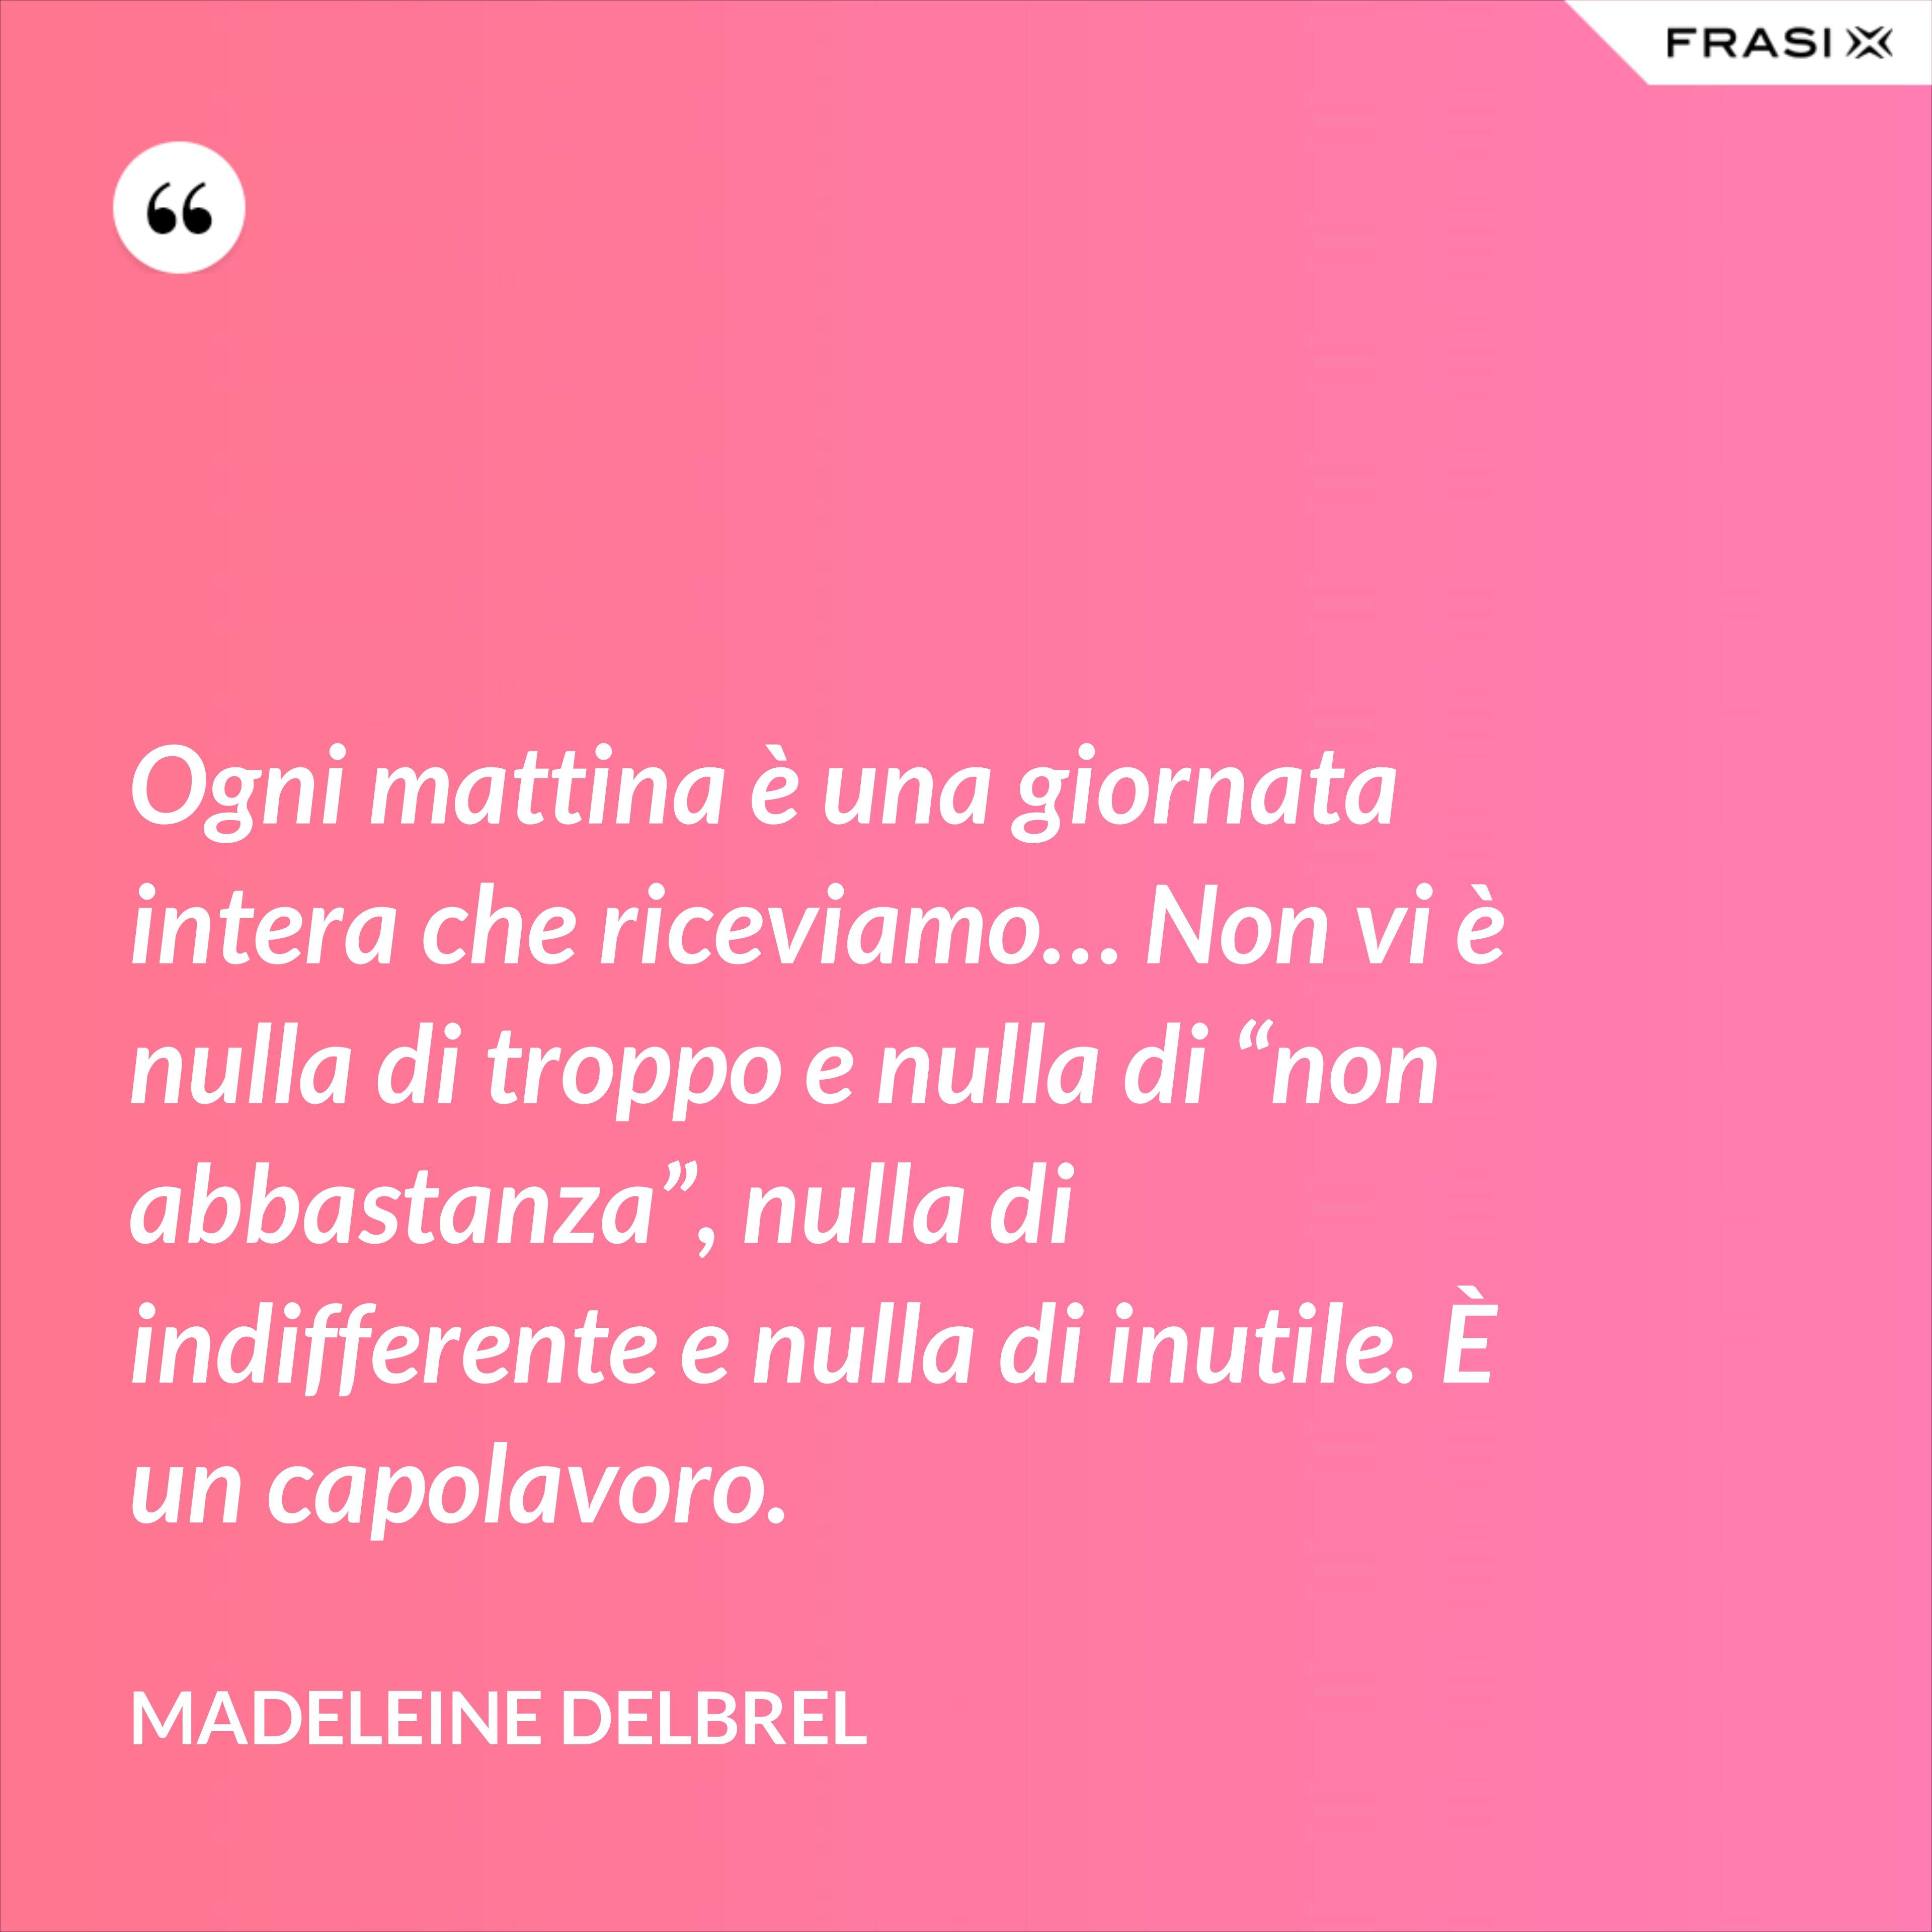 """Ogni mattina è una giornata intera che riceviamo… Non vi è nulla di troppo e nulla di """"non abbastanza"""", nulla di indifferente e nulla di inutile. È un capolavoro. - Madeleine Delbrel"""